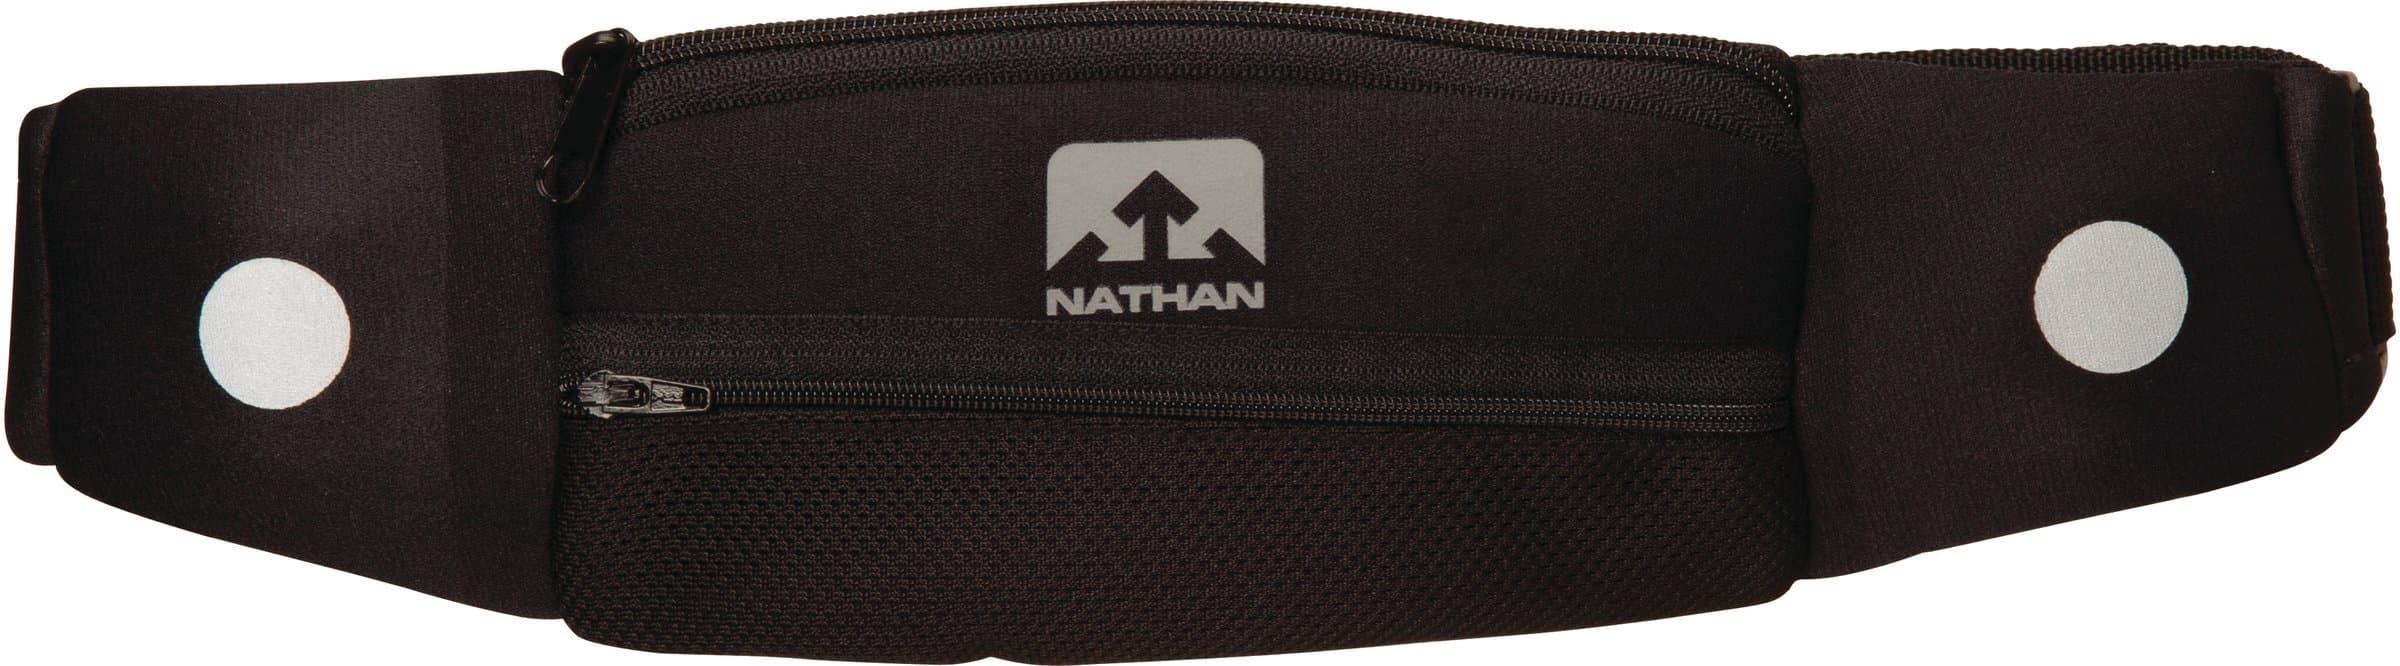 Nathan 5K Pak Ceinture de course à pied